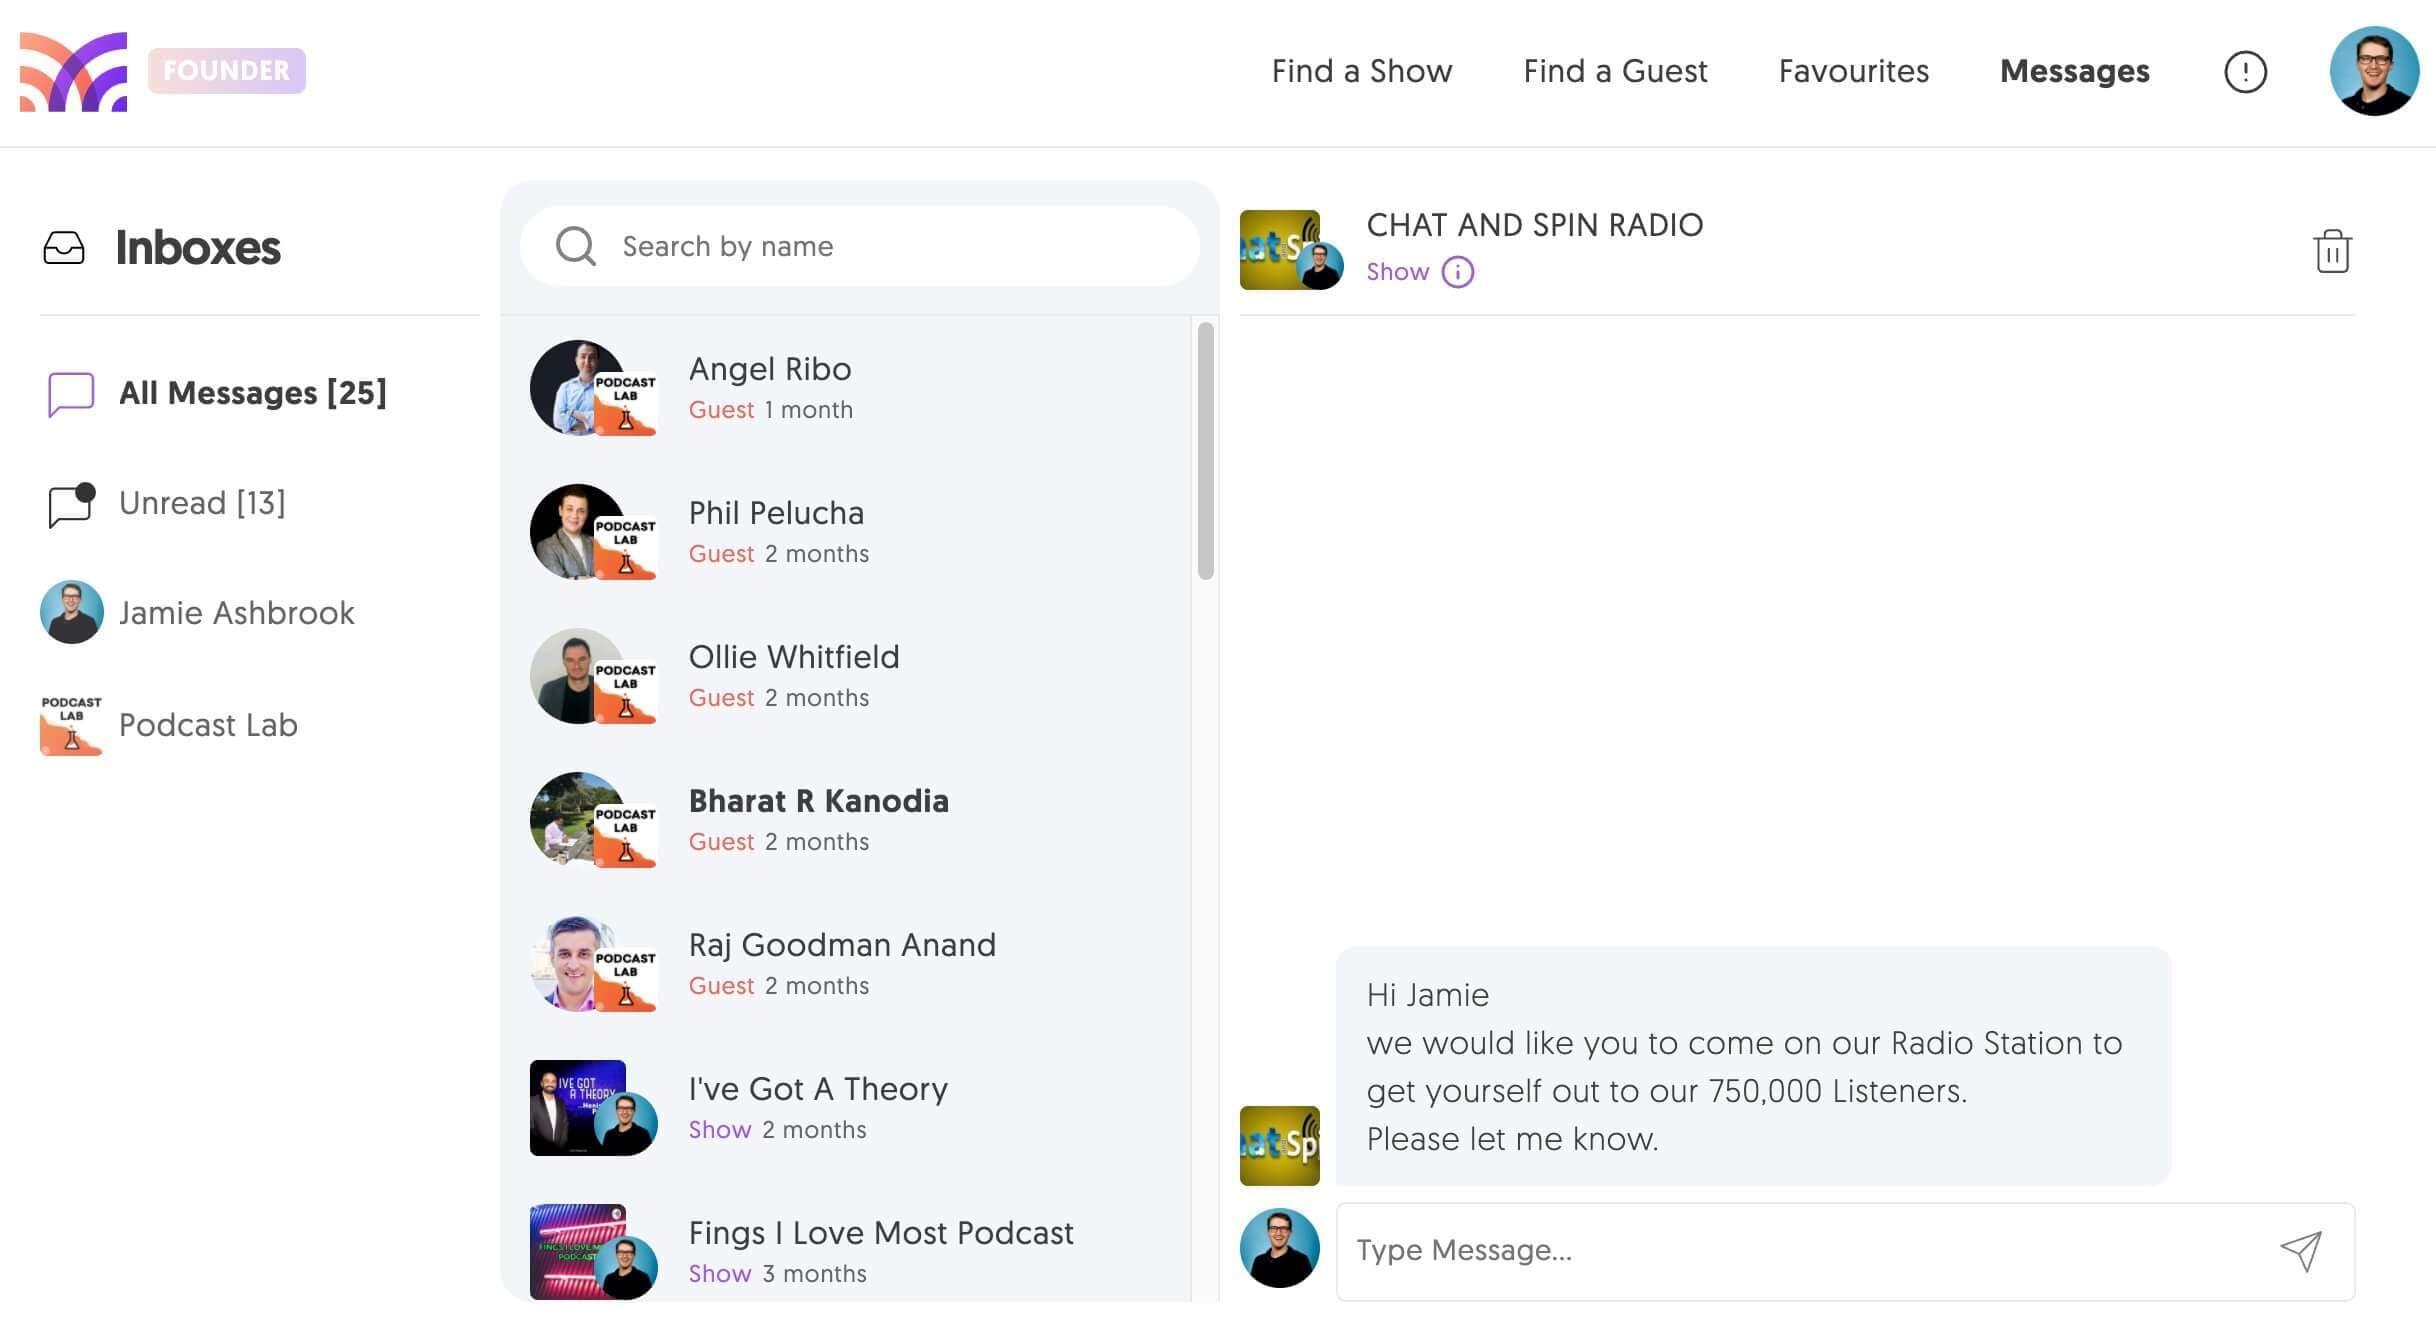 Messages on MatchMaker.fm